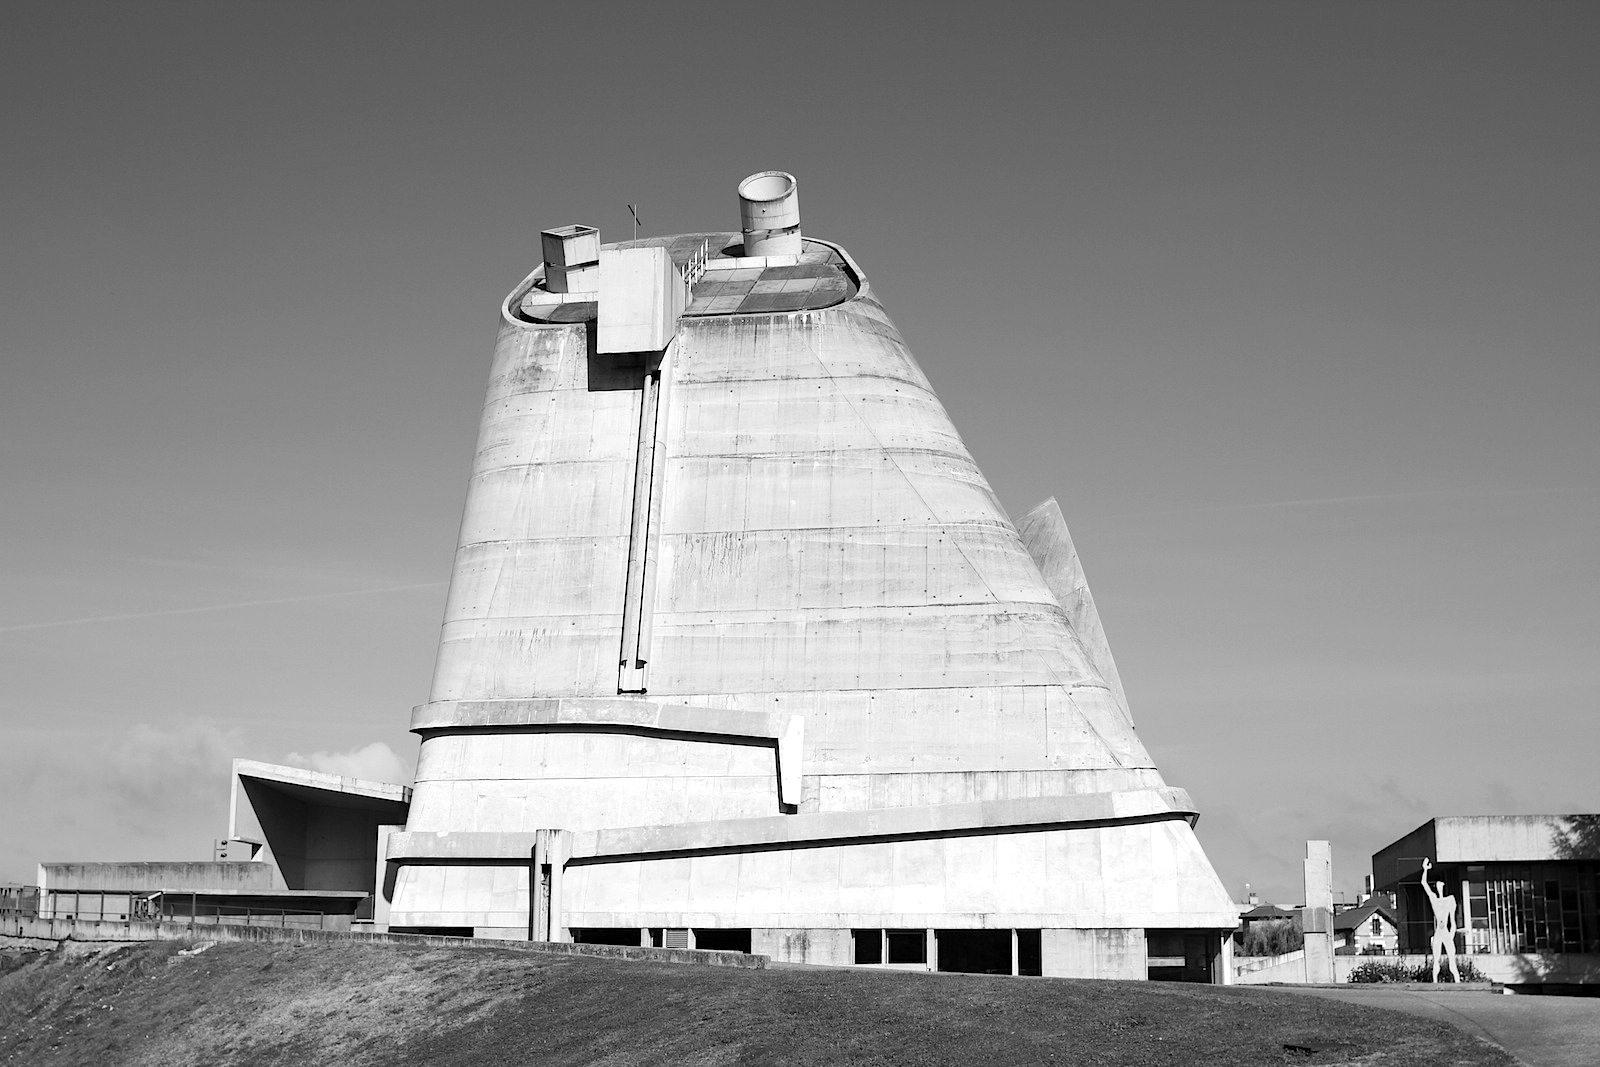 """L'église Saint-Pierre.  """"Kohleeimer"""" ist neben """"UFO"""", """"AKW-Turm"""" und """"Schlot"""" auch eine gängige Bezeichnung der Kirche."""